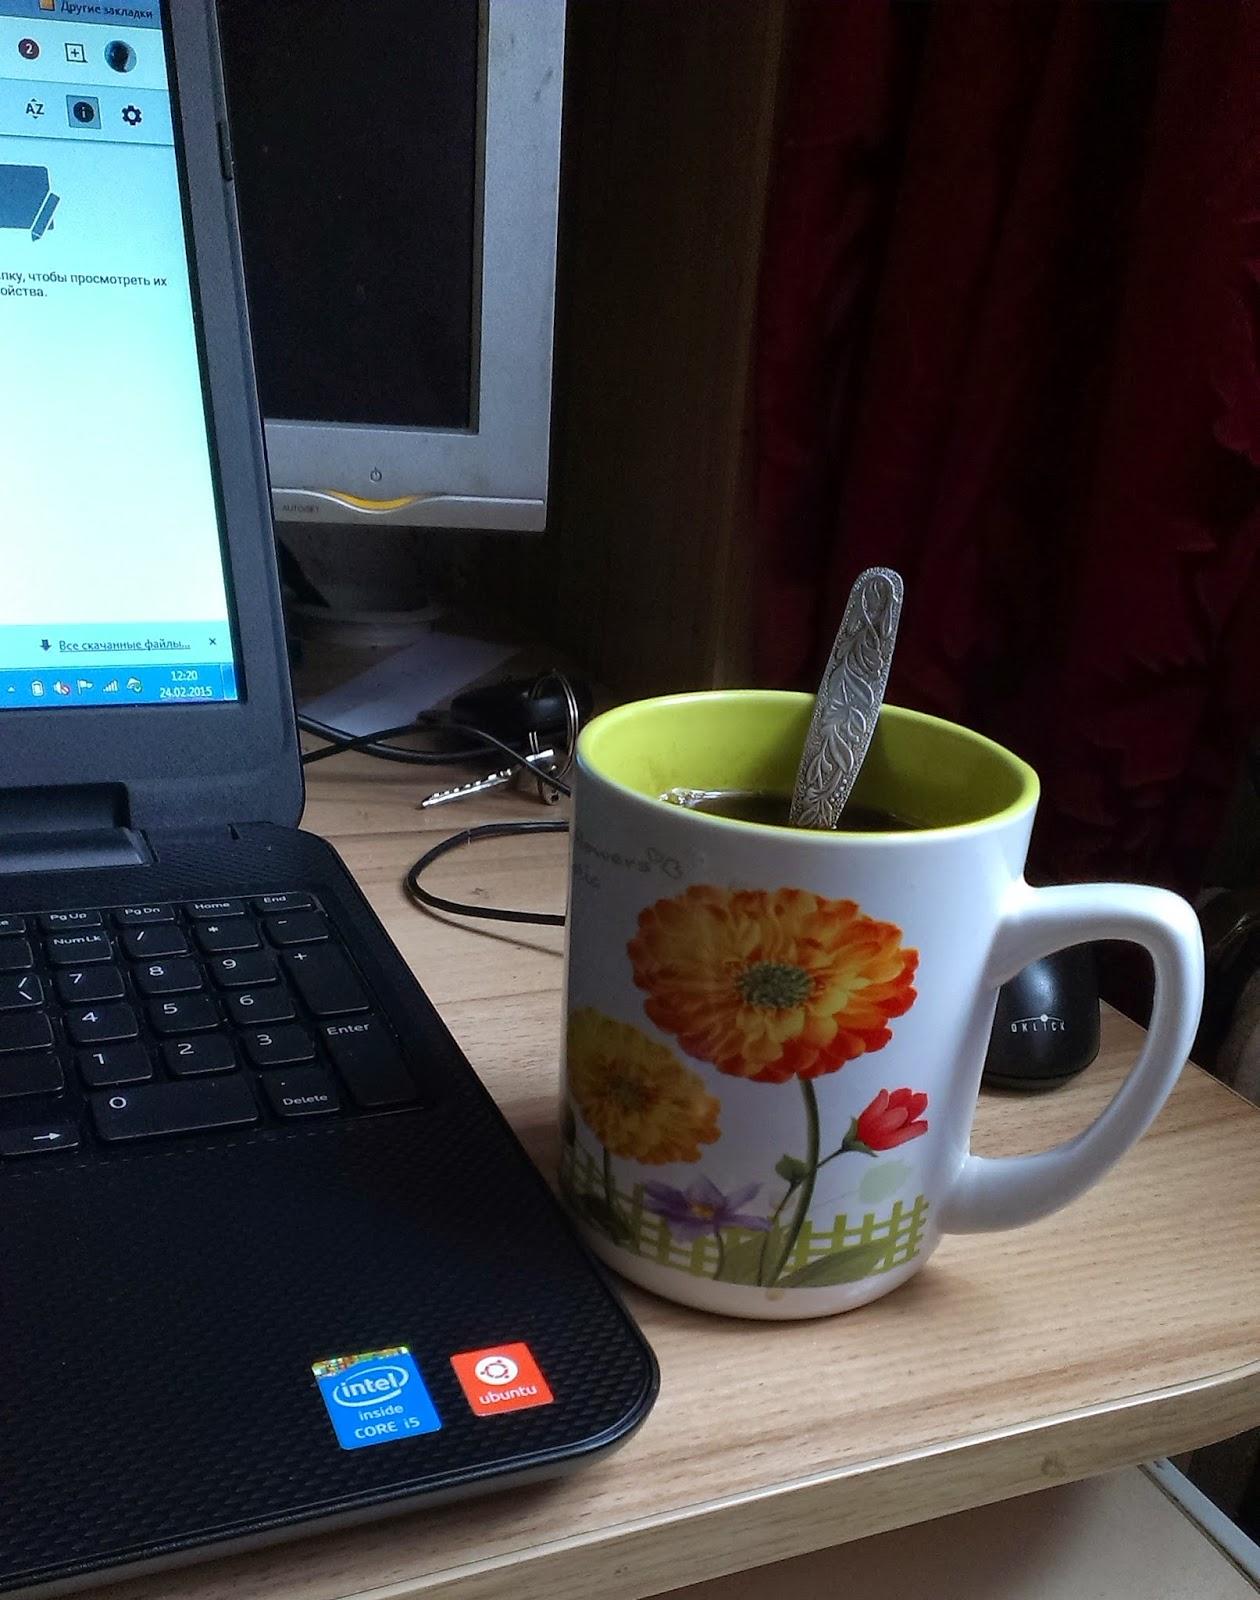 Чашечка кофе за ноутбуком